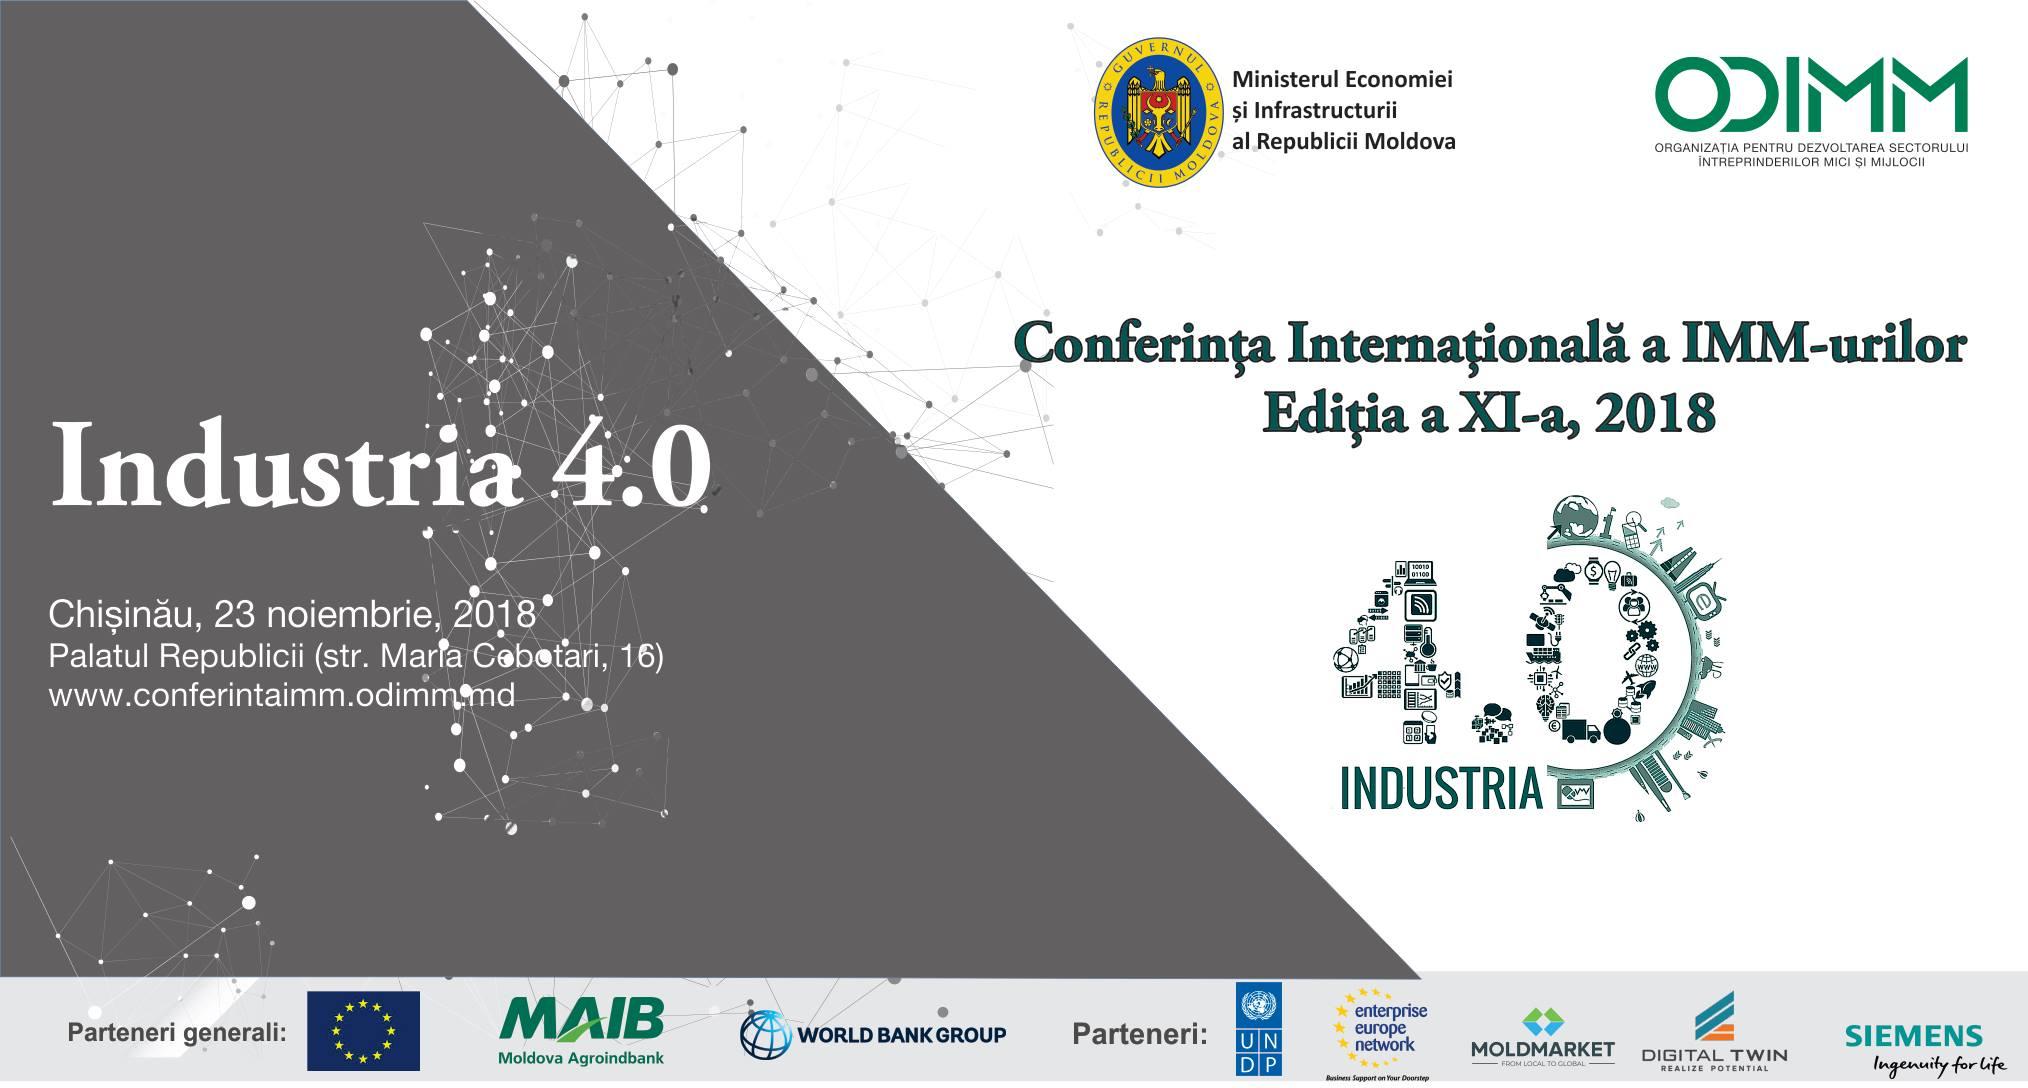 Conferința Internațională a IMM-urilor, la cea de-a XI-a ediție